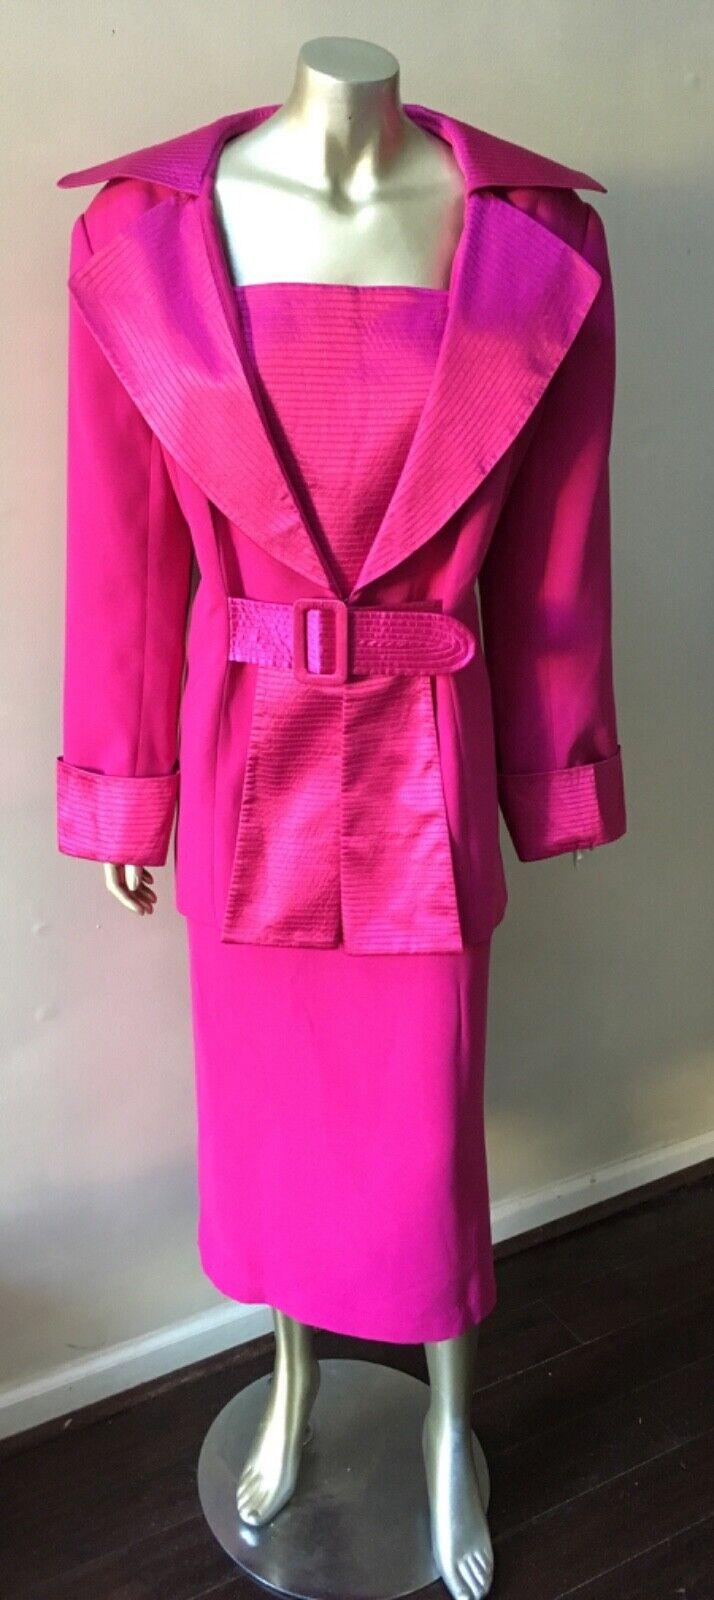 Zwei 2 Teile Krepp Formelle Fuchsia Rosa Lang Hochzeit Partyrock Suit Plus Sz 16